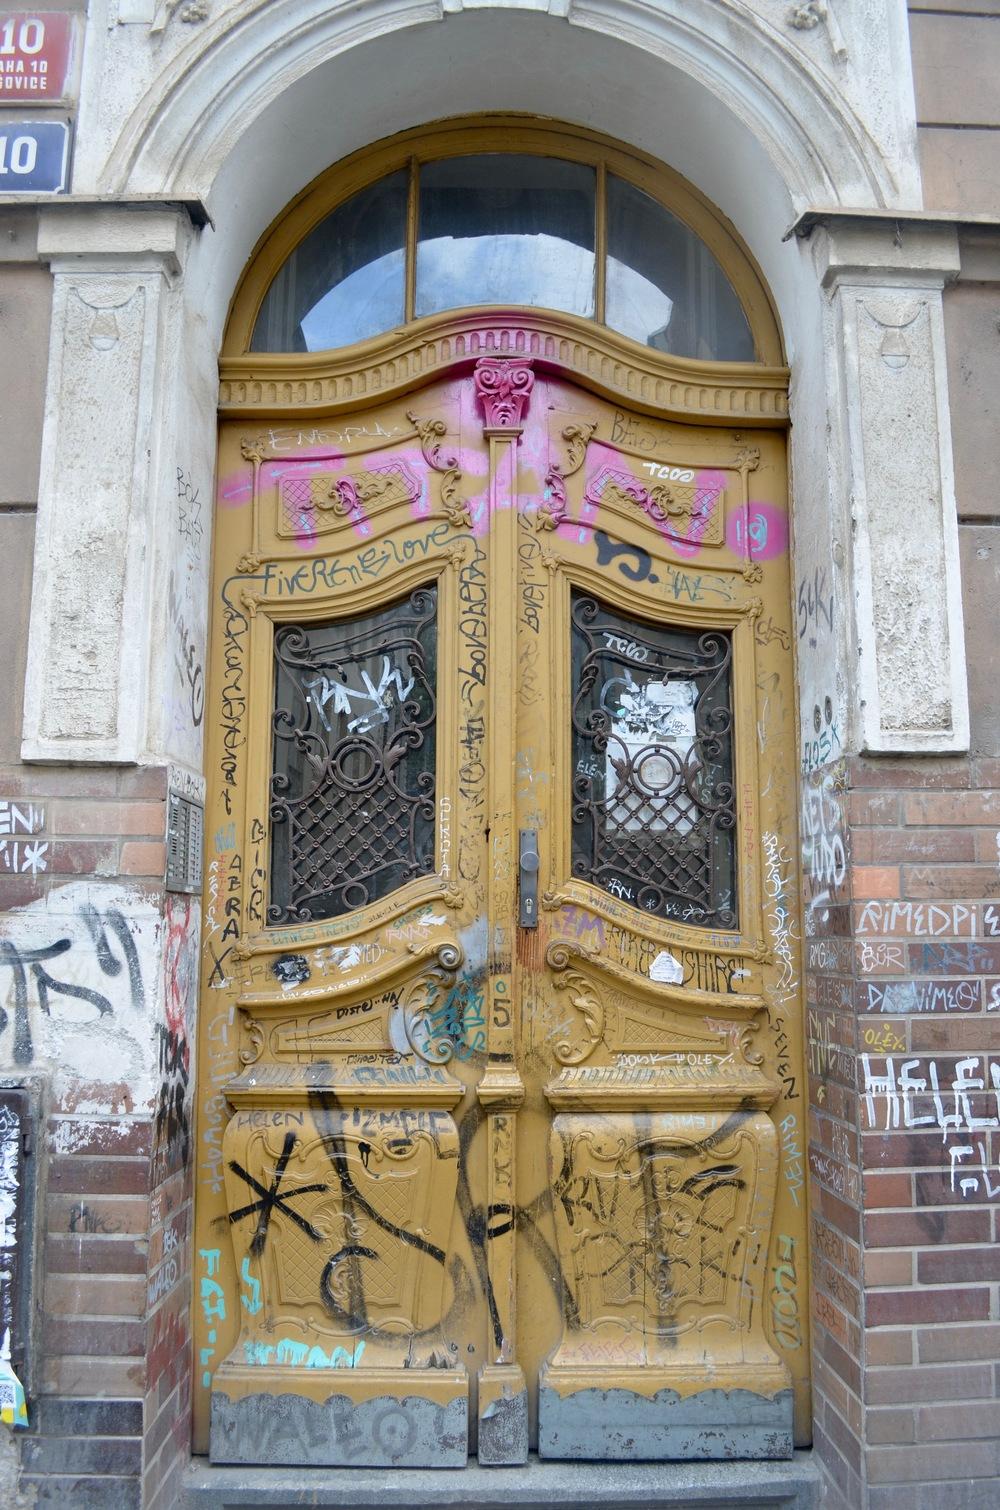 Praguedoor.jpg